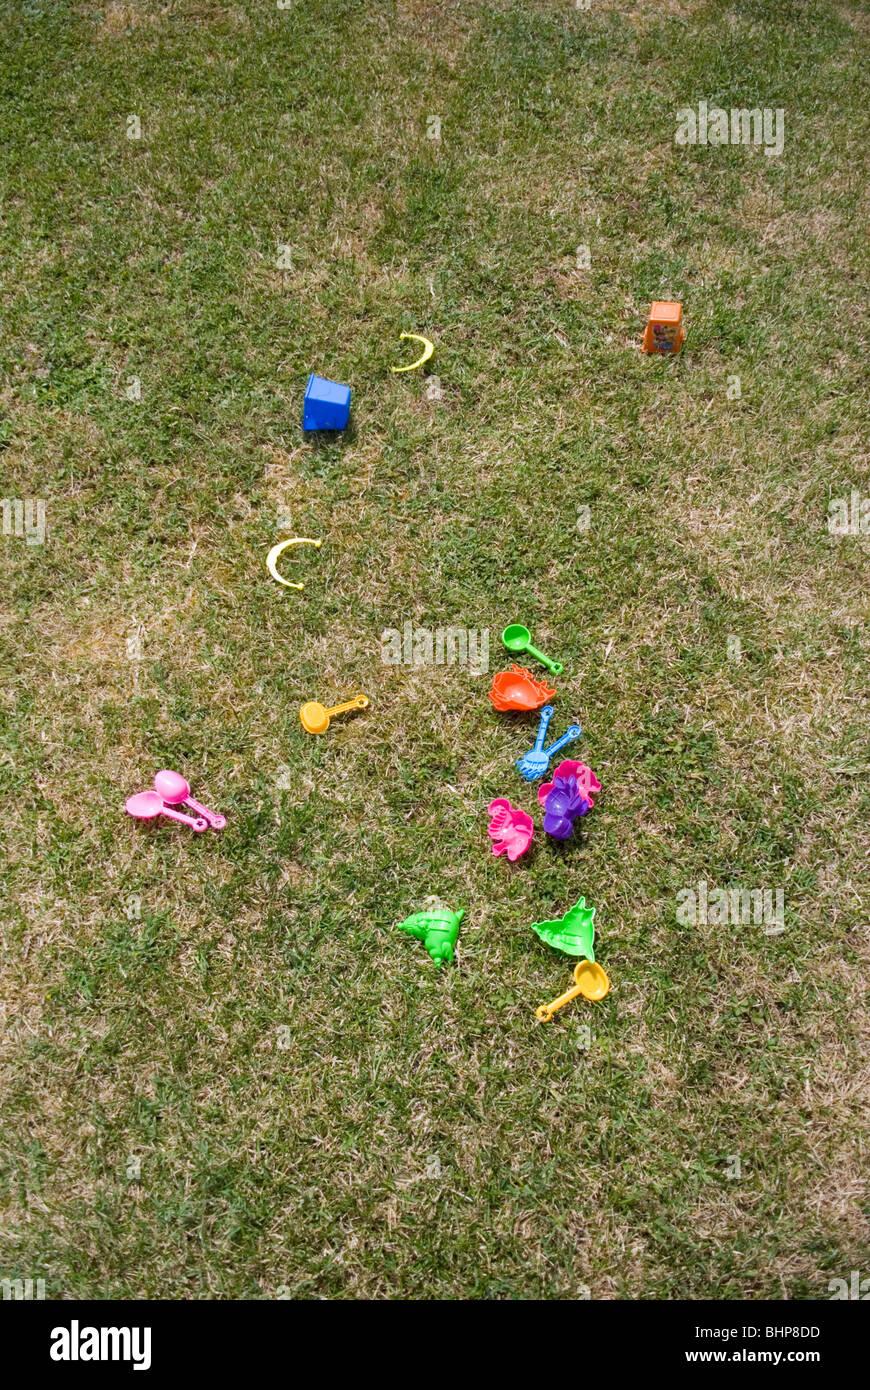 eine Auswahl an bunten Kinder Plastikspielzeug liegen verstreut auf einem Rasen in einem privaten Garten Stockbild